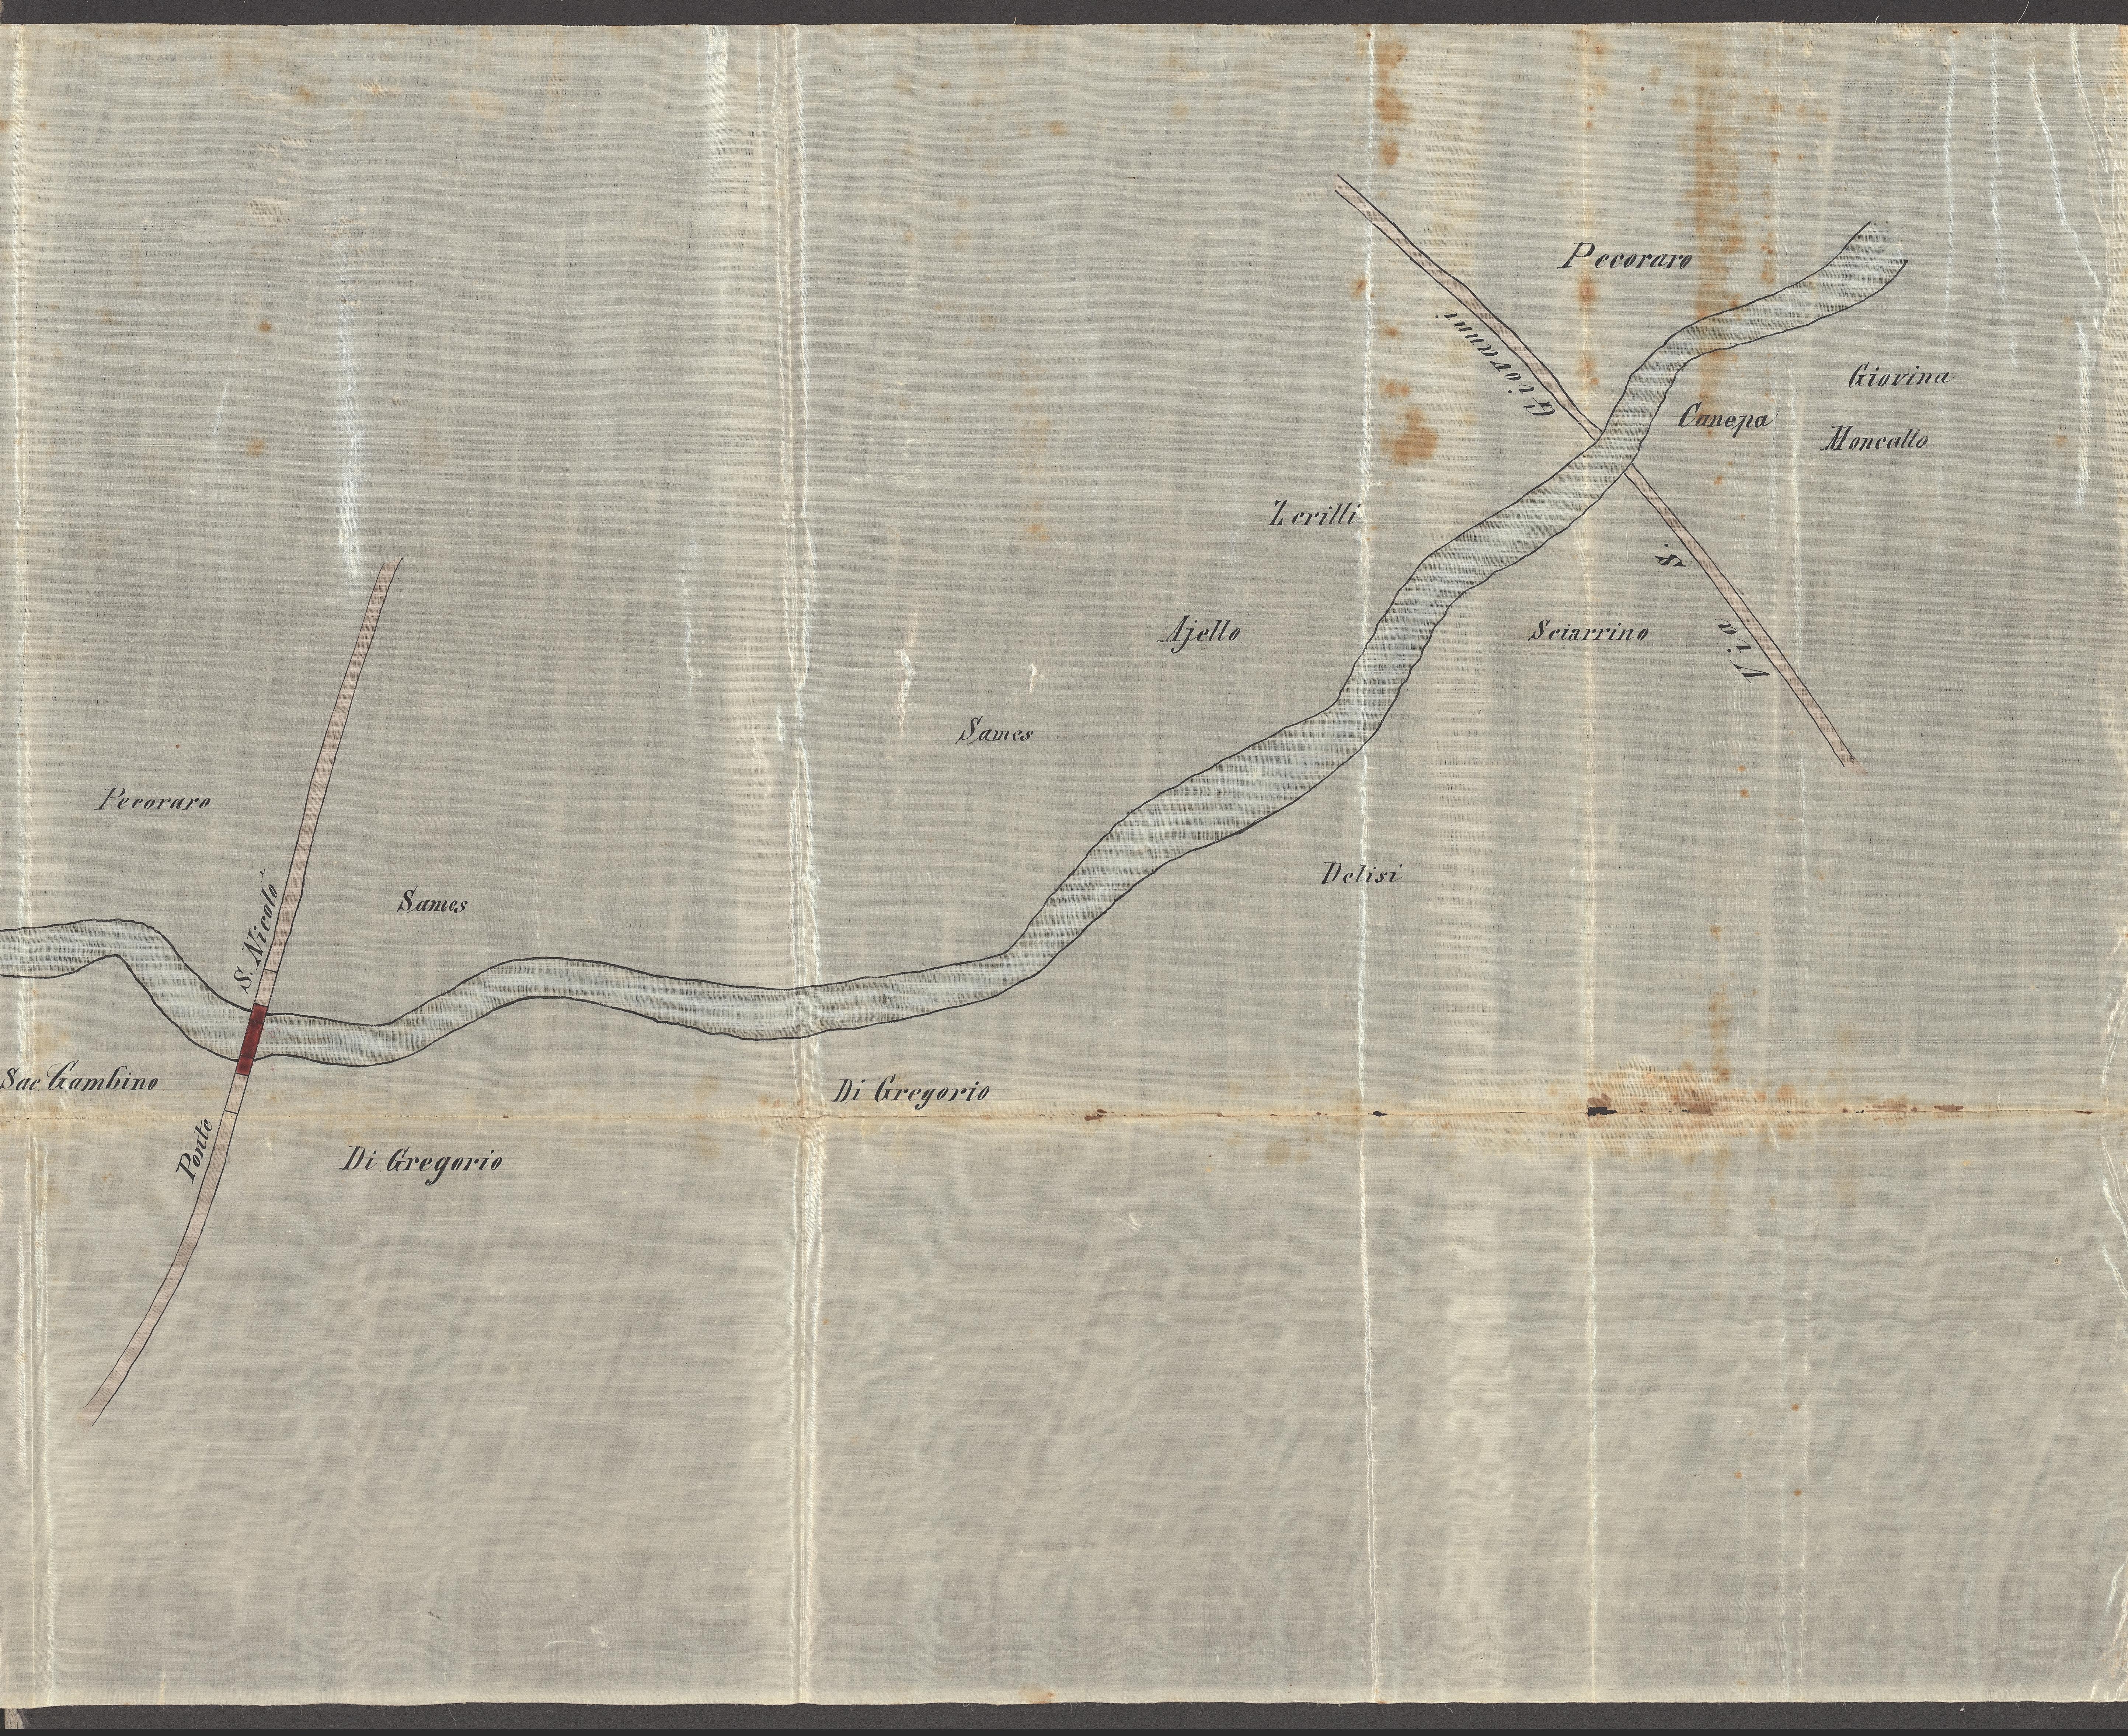 Particolare della pianta del sistema idrografico del torrente San Vincenzo. 1874. ASP. Riproduzione vietata